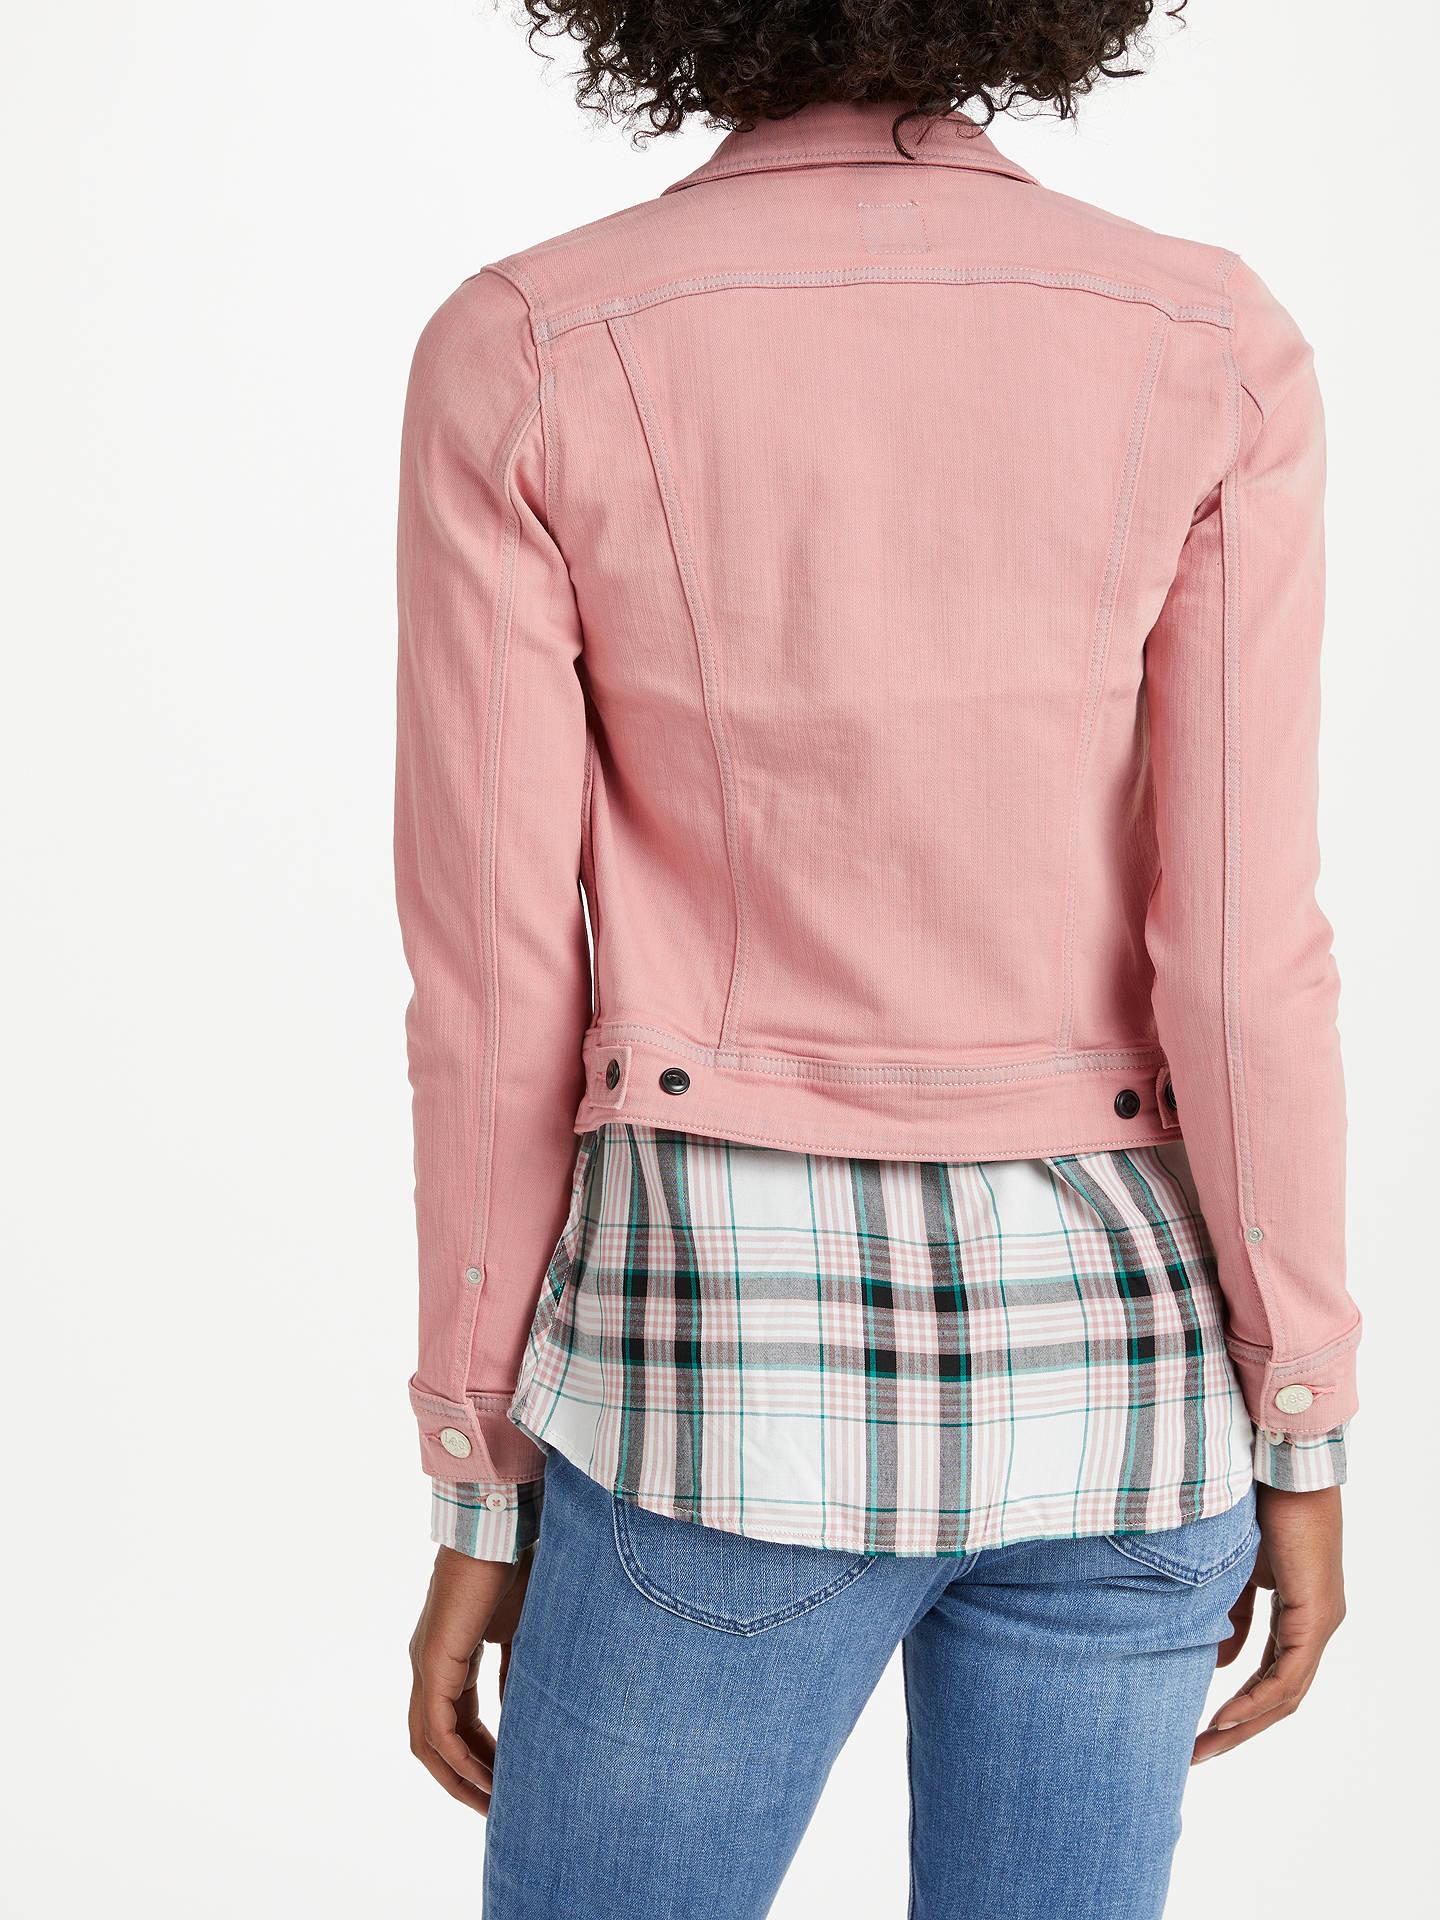 Lee Slim Rider Denim Jacket, Pastel Pink at John Lewis & Partners